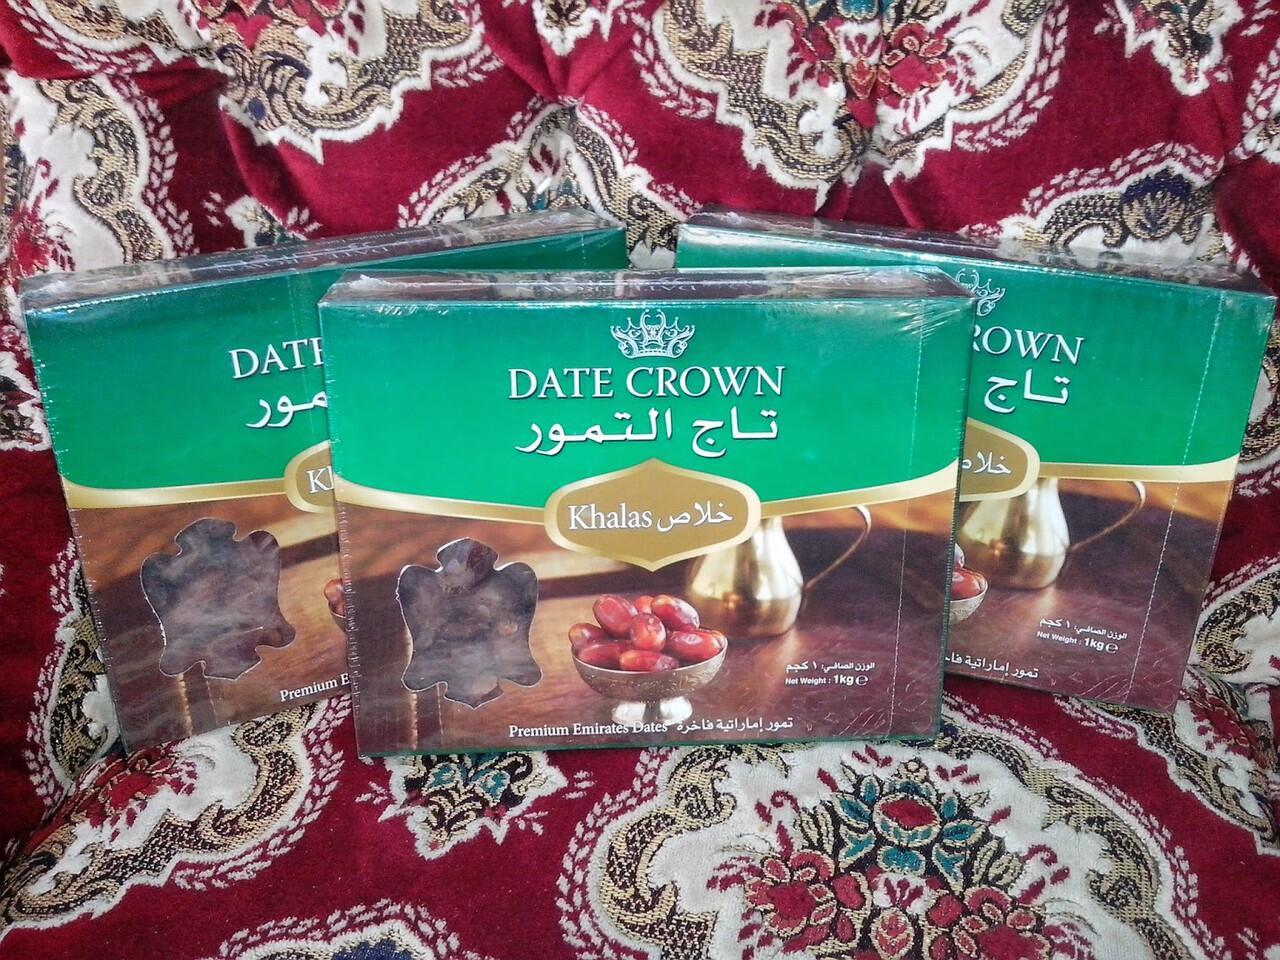 Terjual Grosir Kurma Date Crown Khalas Saudi Update Harga Terbaru 1kg